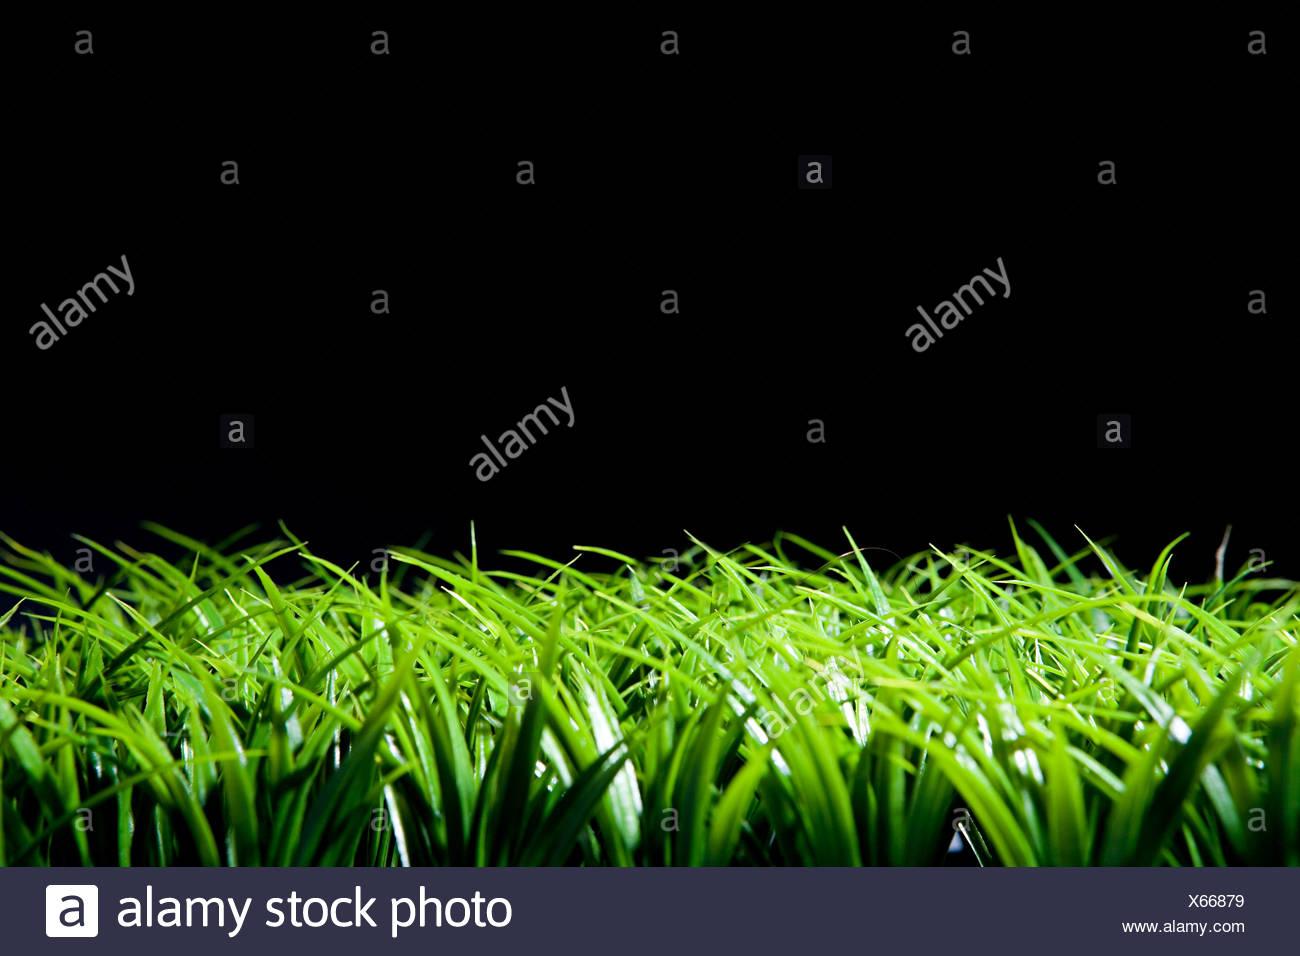 Hierba y fondo negro Imagen De Stock